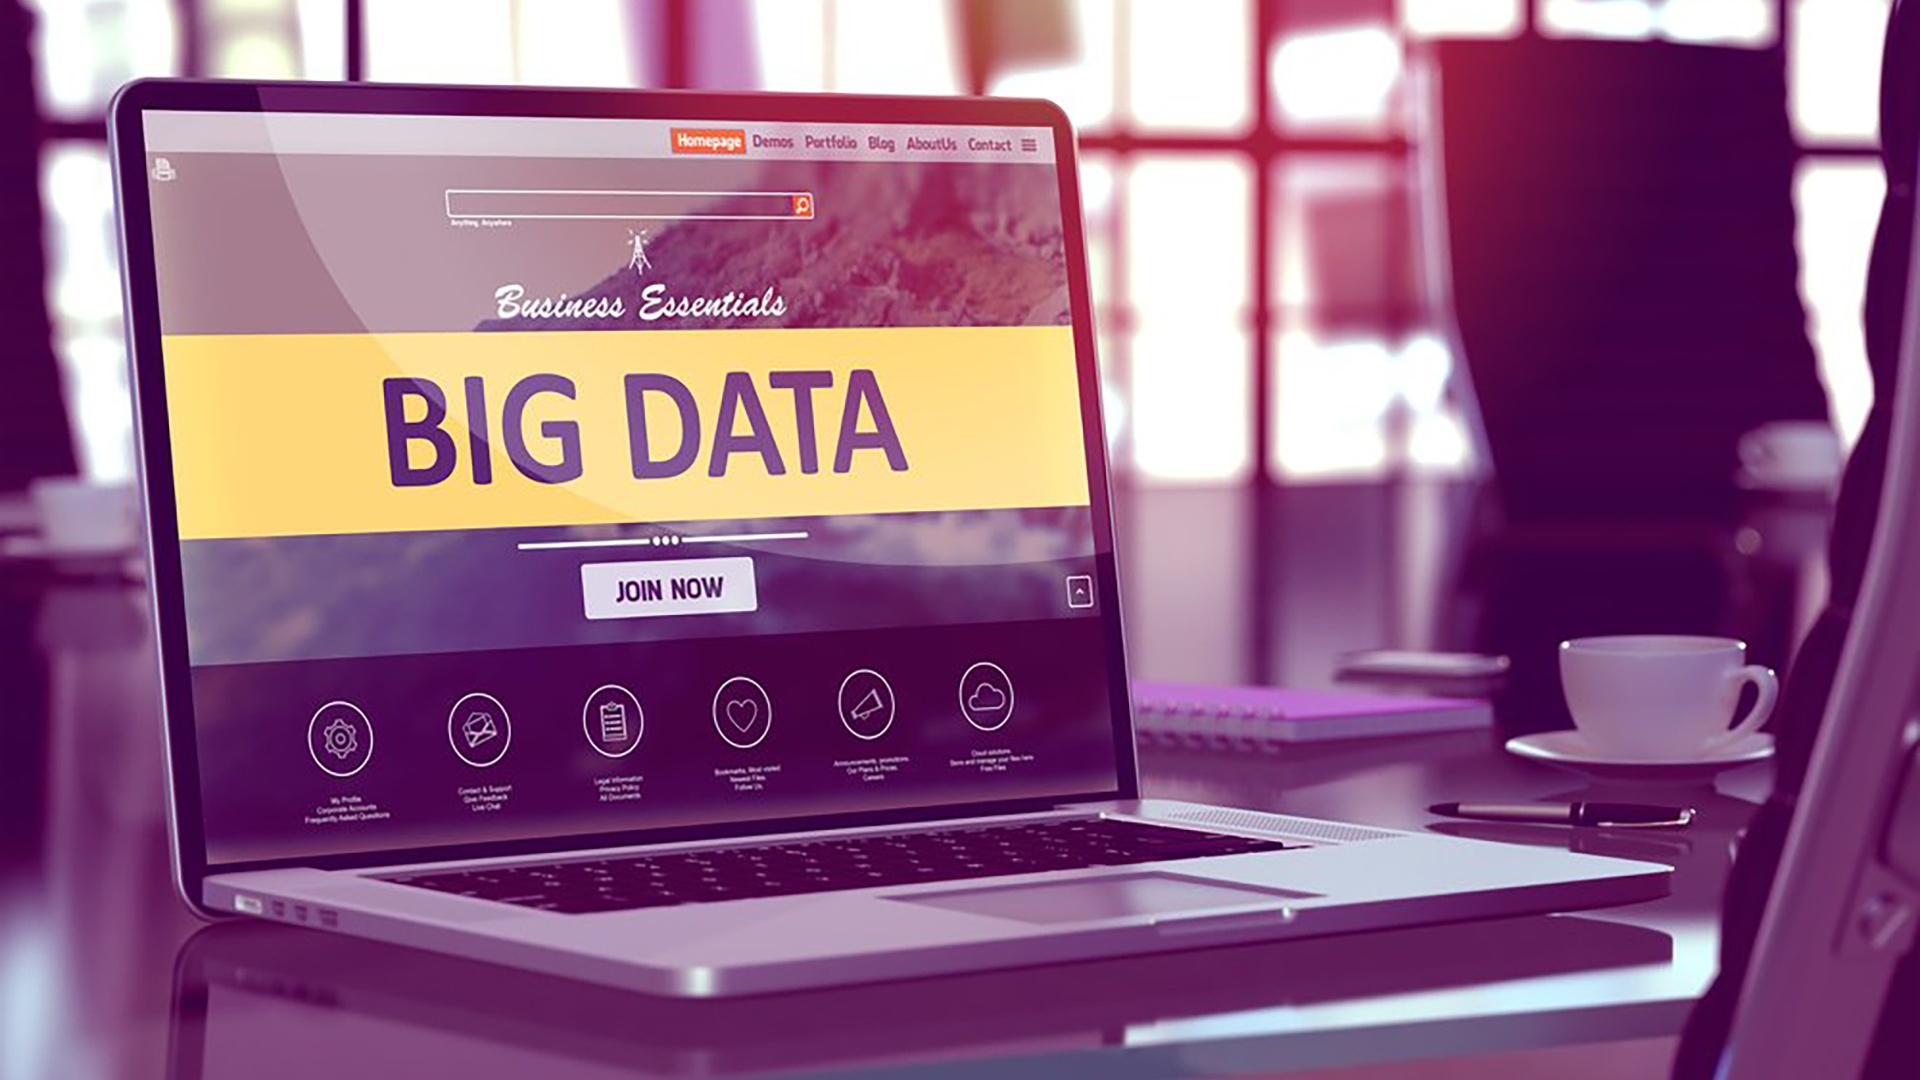 Le tecnologie utilizzate dai Big Data